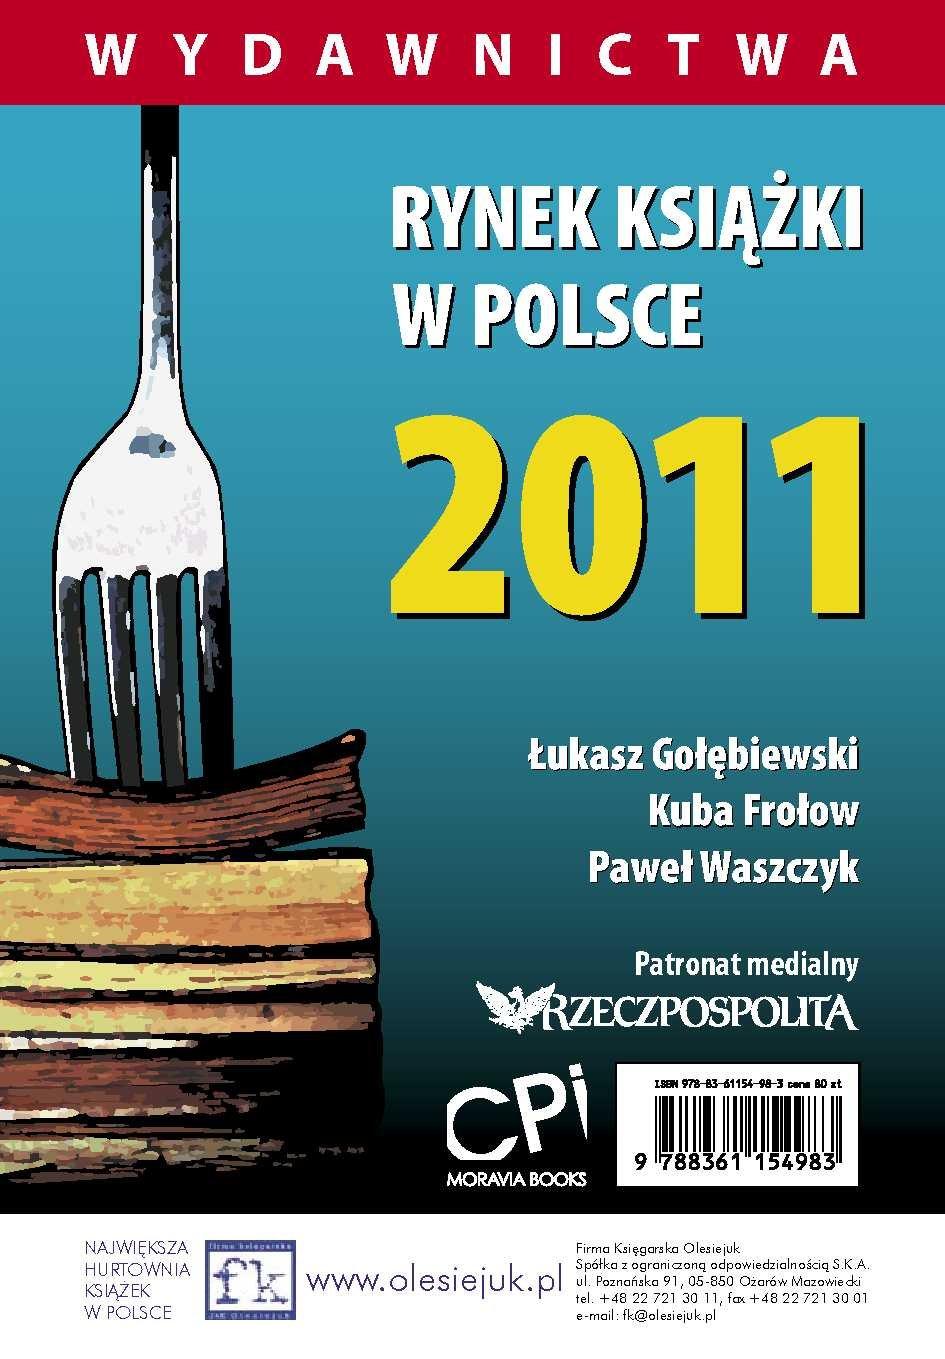 Rynek książki w Polsce 2011. Wydawnictwa - Ebook (Książka PDF) do pobrania w formacie PDF